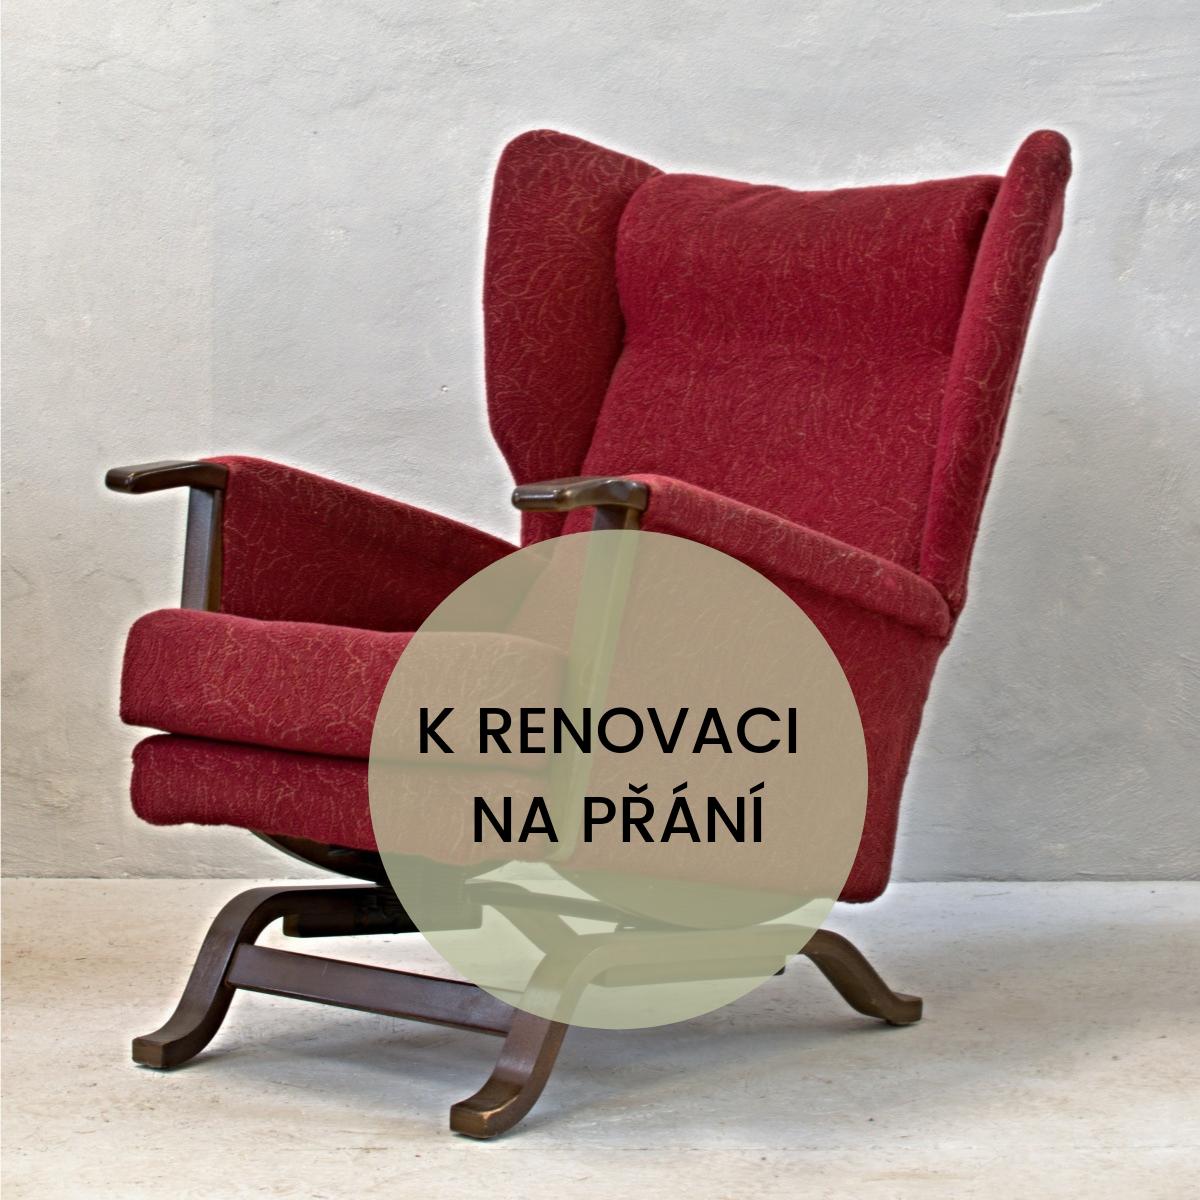 dvojice houpacích křesel k renovaci anglický stylový vintage nábytek původní barva potahu červená